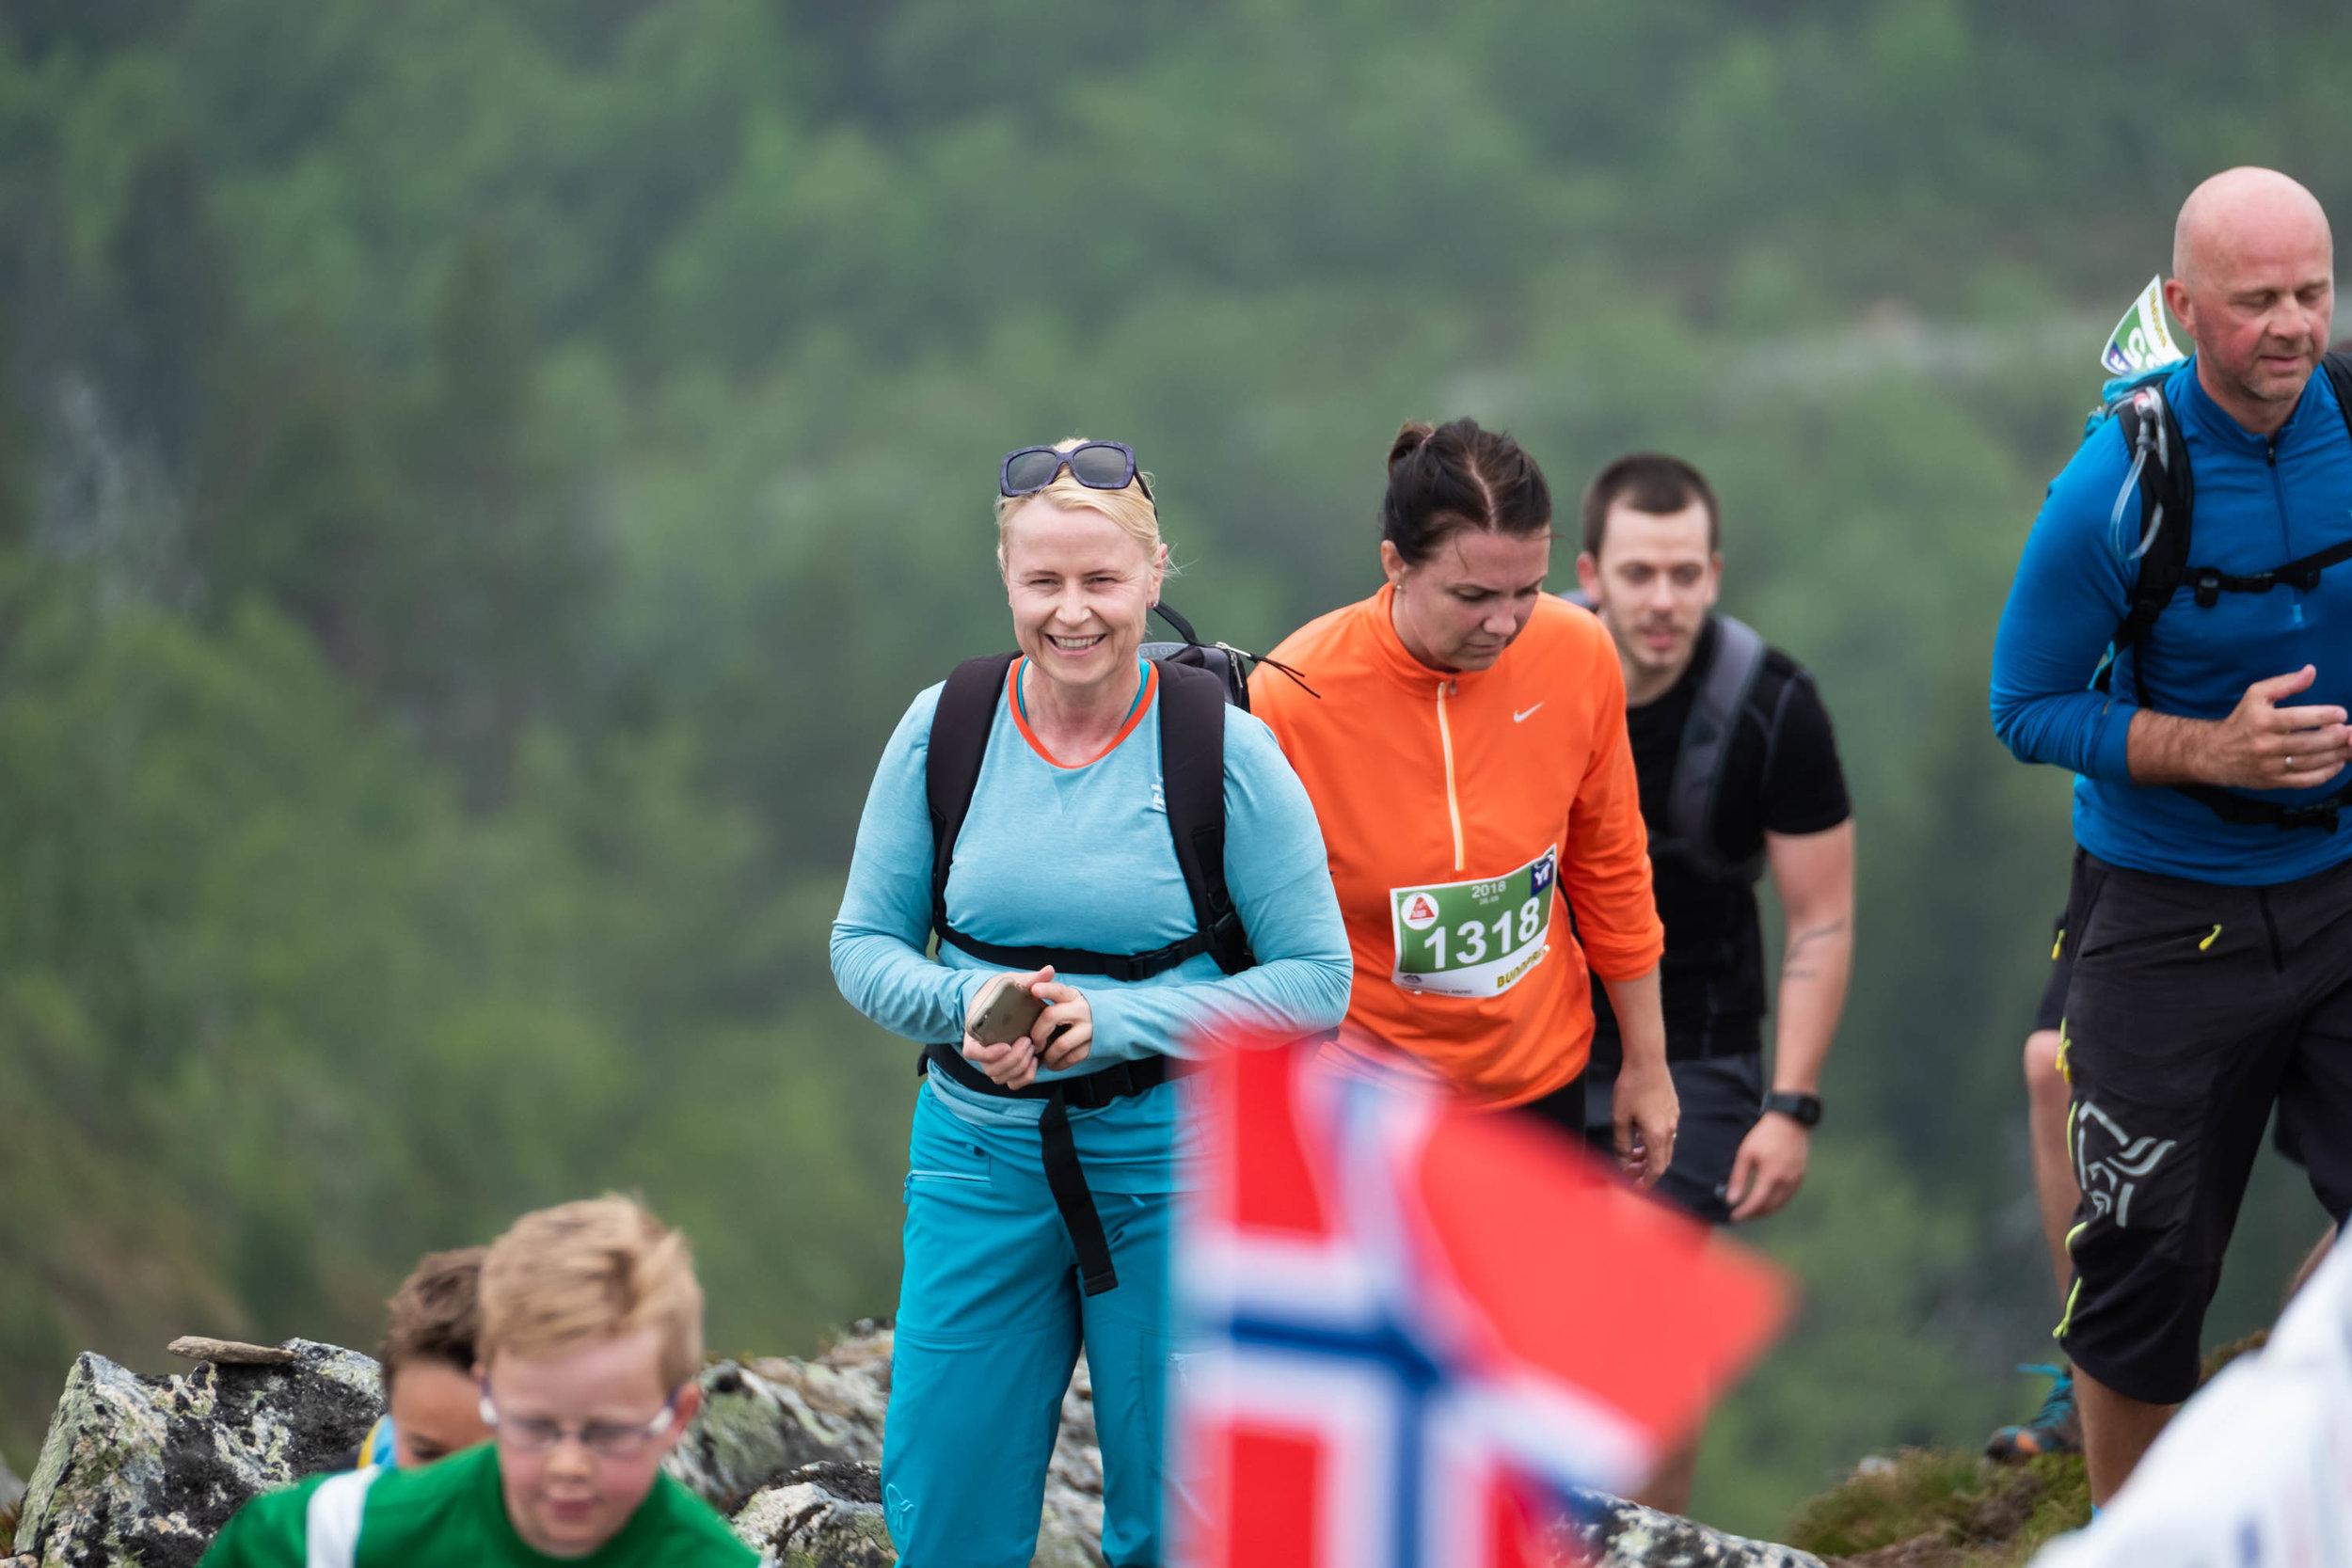 Molde 7 Topper 2018 fotoserie1_ Foto Svein Ivarsen_ (13 of 28).jpg